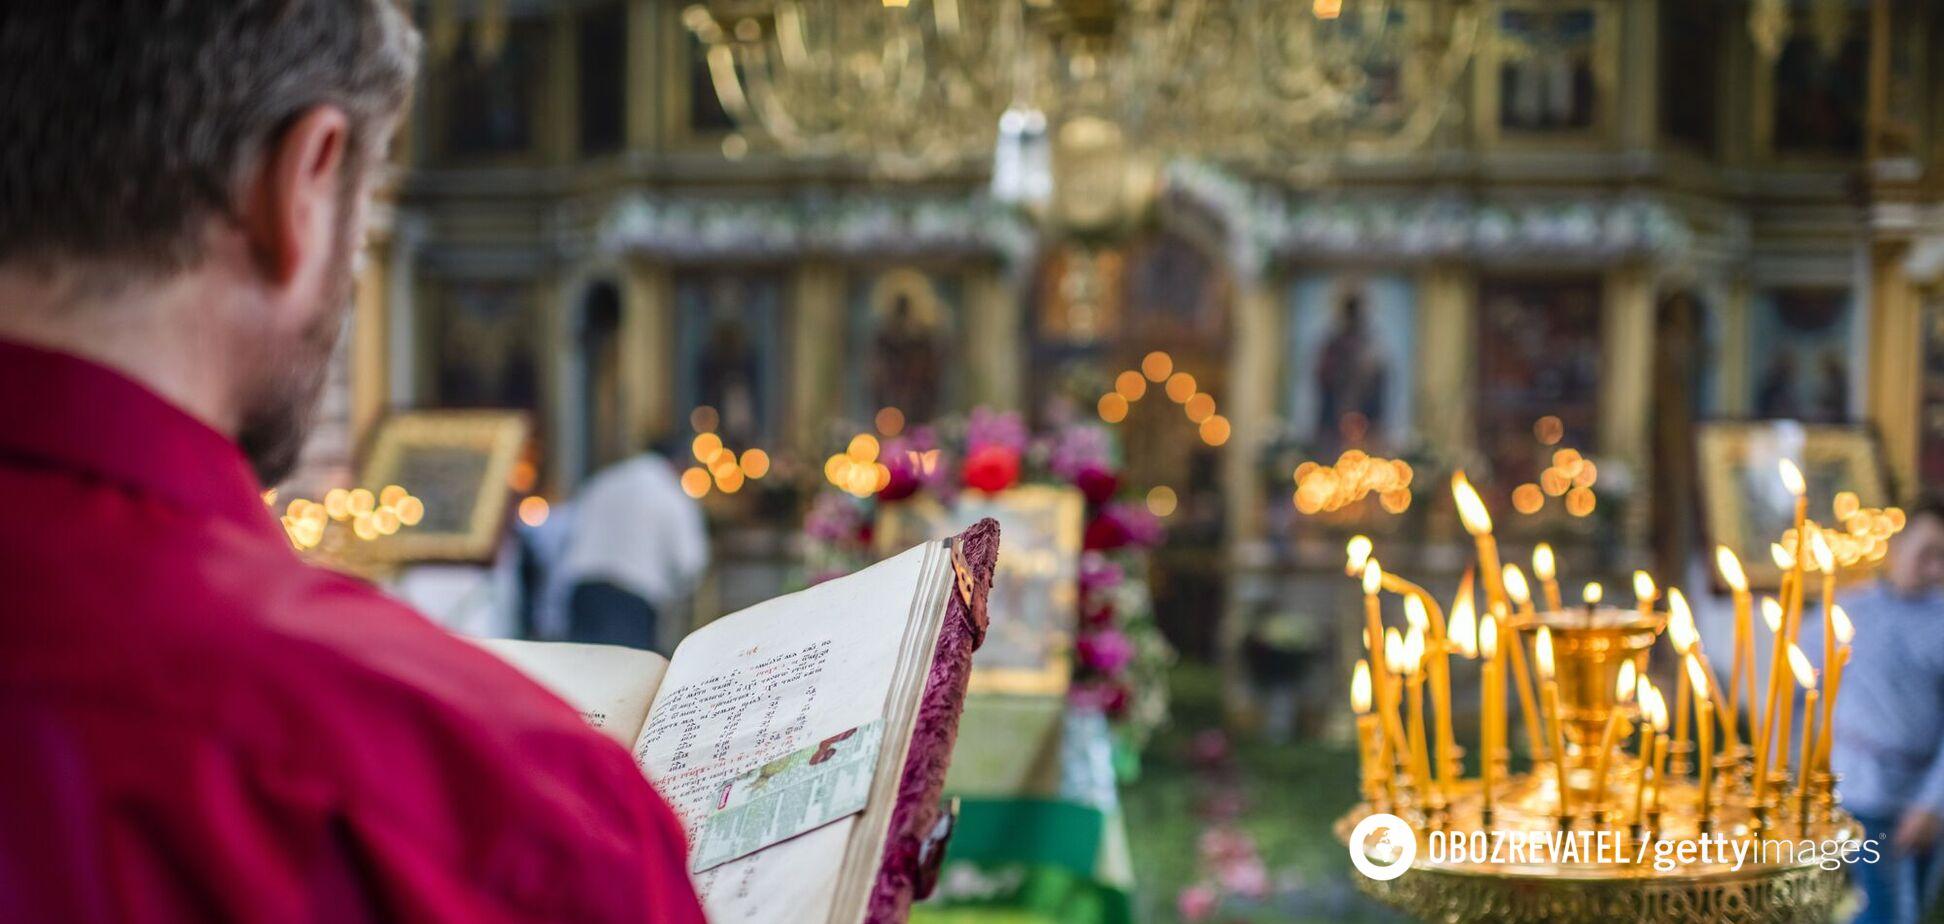 Епіфаній розповів, чи можна буде відвідати церкву на Різдво та під час локдауну